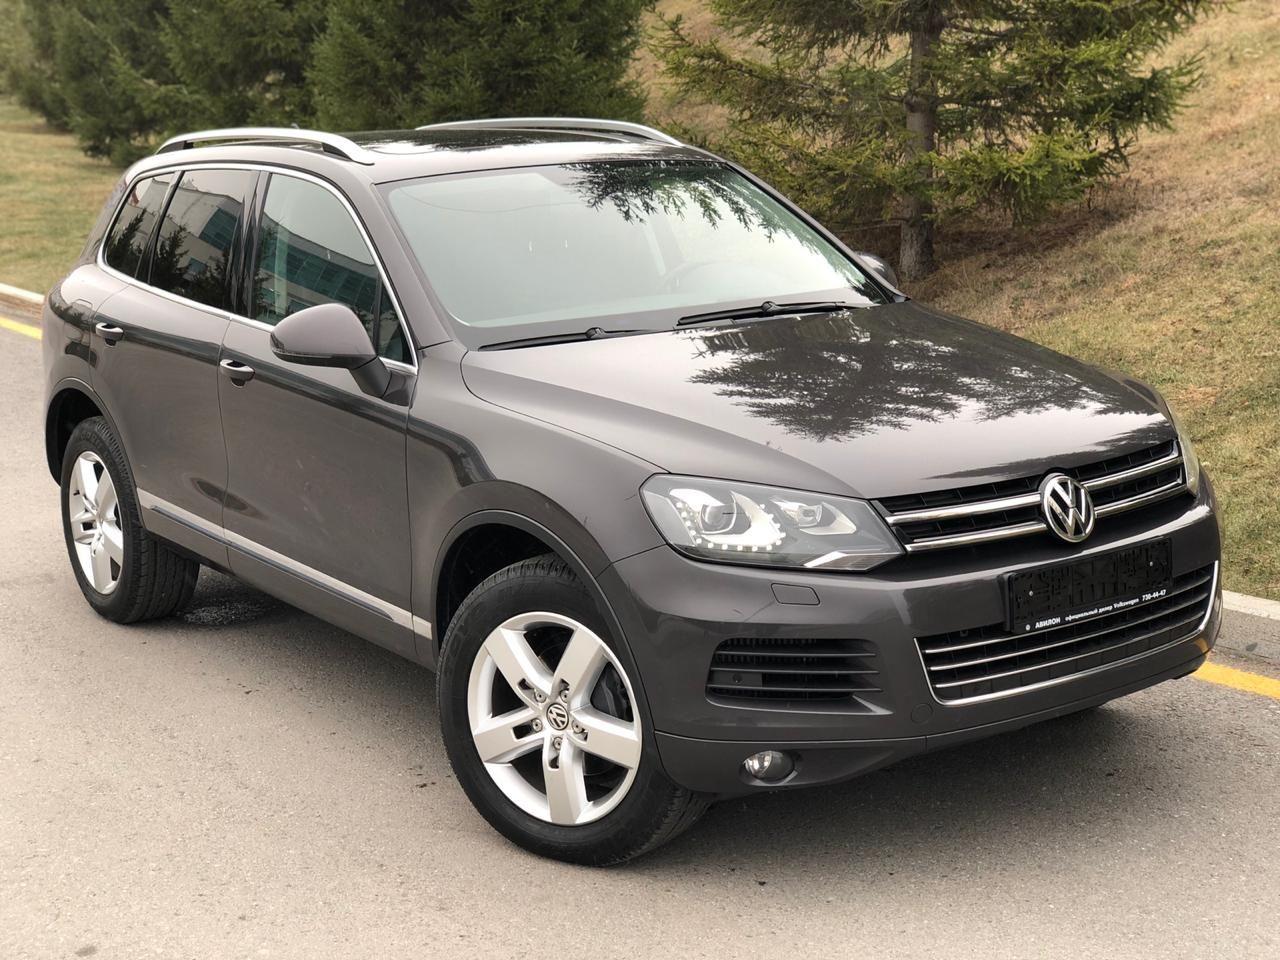 Volkswagen Touareg 2012 год, 3 литра, Долго выбирал б/у авто до этого ездил  на киа сид 2008 и 2013 г, расход 8.0, полный привод, акпп